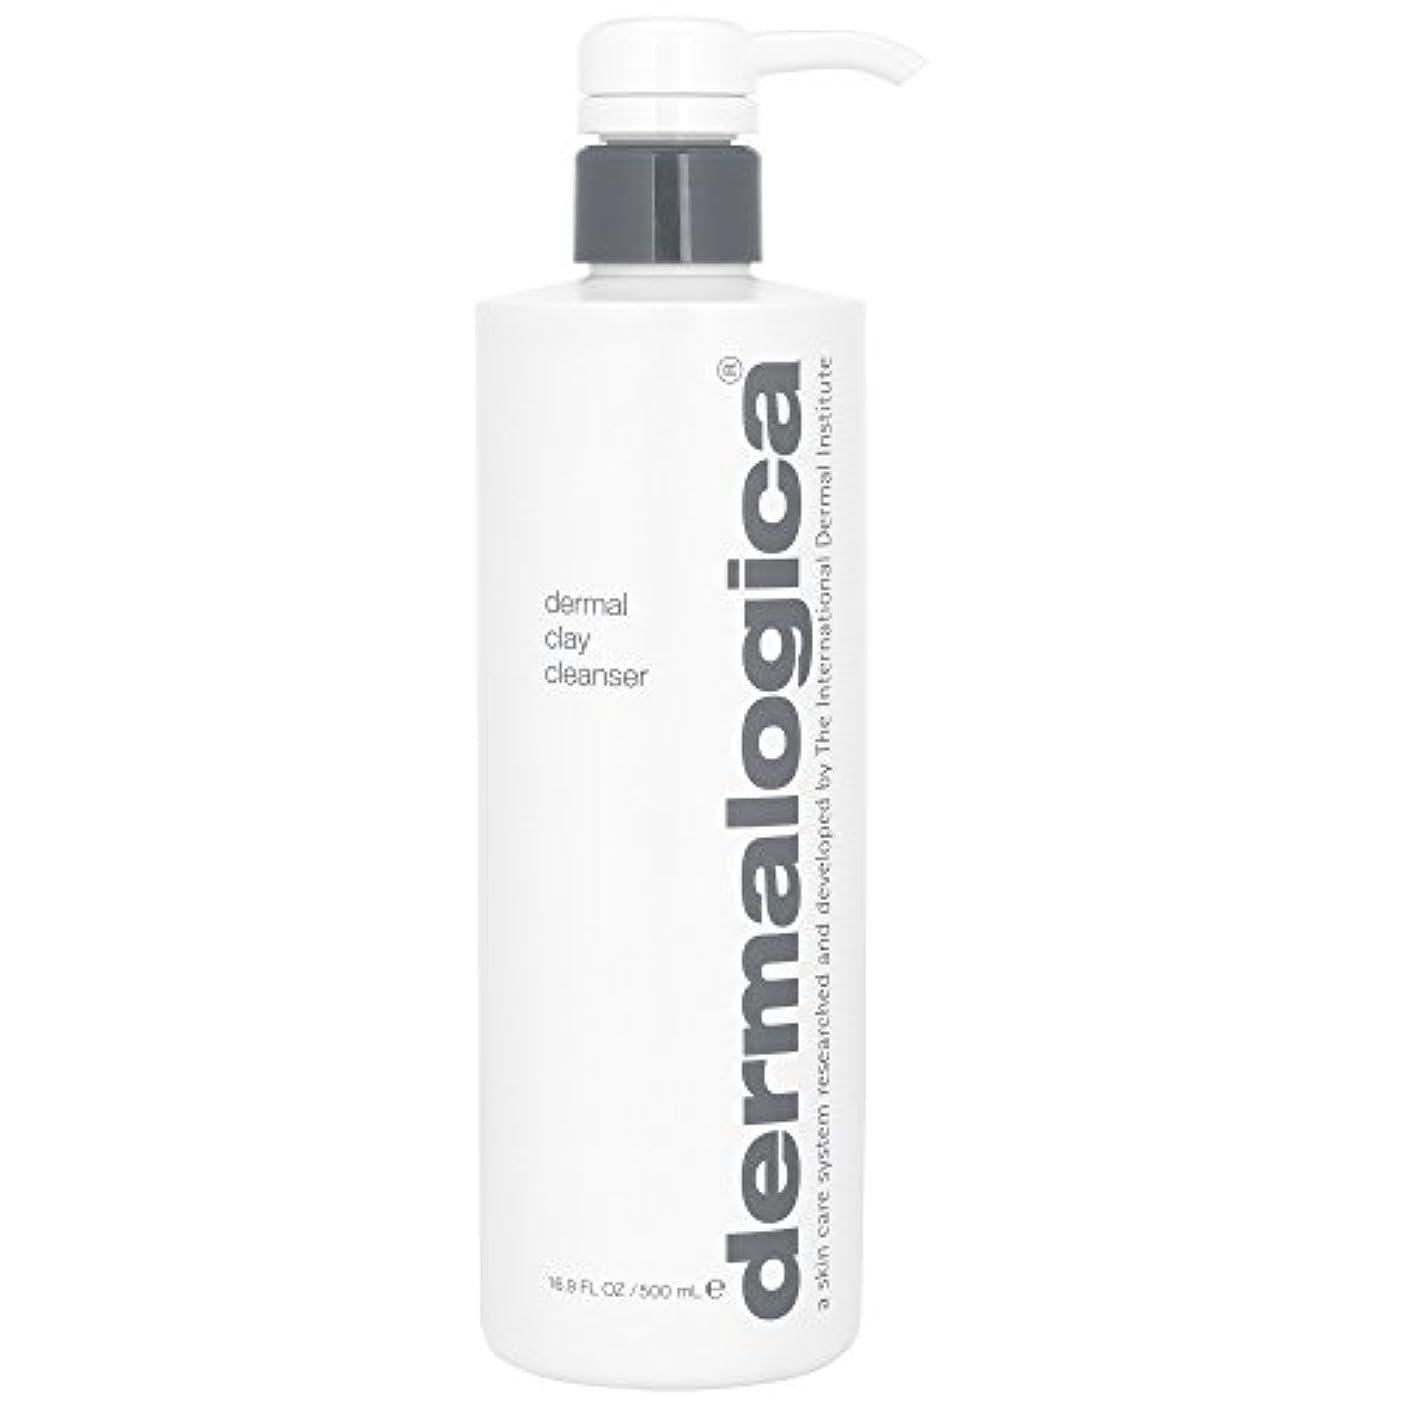 主定常雪だるまダーマロジカ真皮クレイクレンザー500ミリリットル (Dermalogica) (x2) - Dermalogica Dermal Clay Cleanser 500ml (Pack of 2) [並行輸入品]